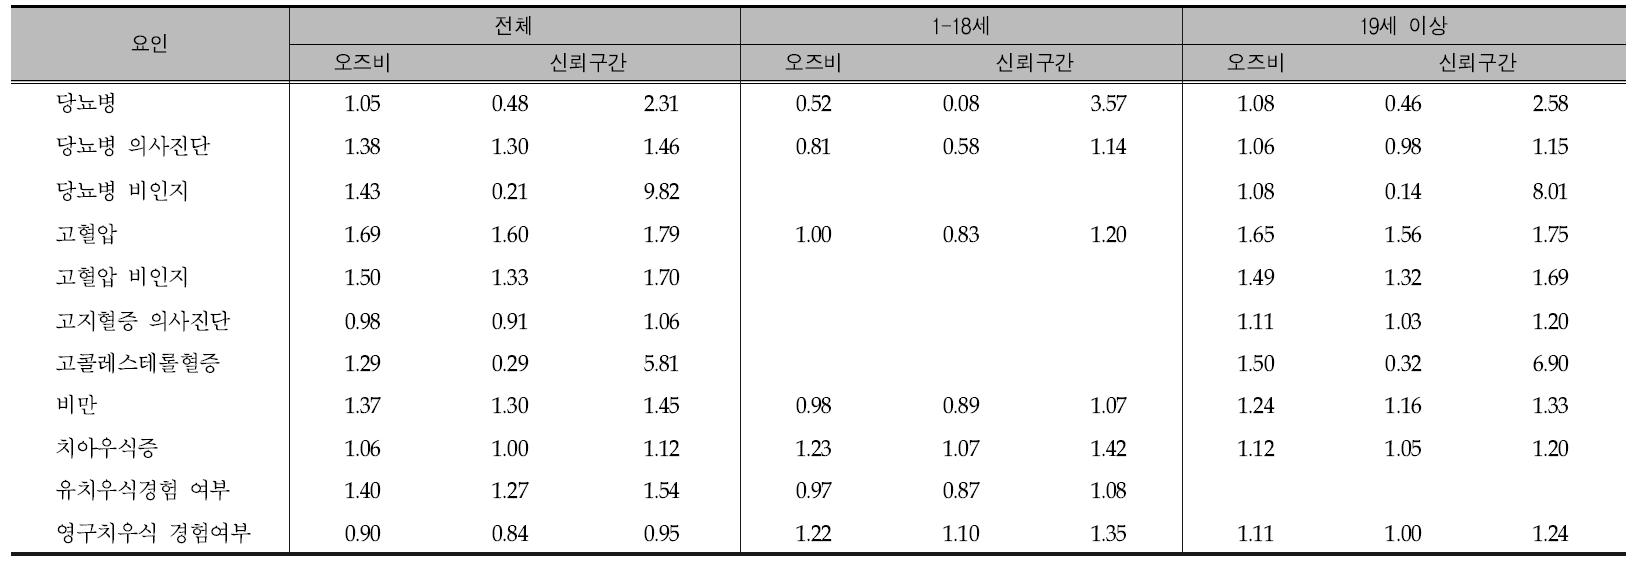 당류 에너지 섭취비율이 10% 이상자와 10% 미만인자의 질병별 오즈비 분석(연령별) 2007년-2013년